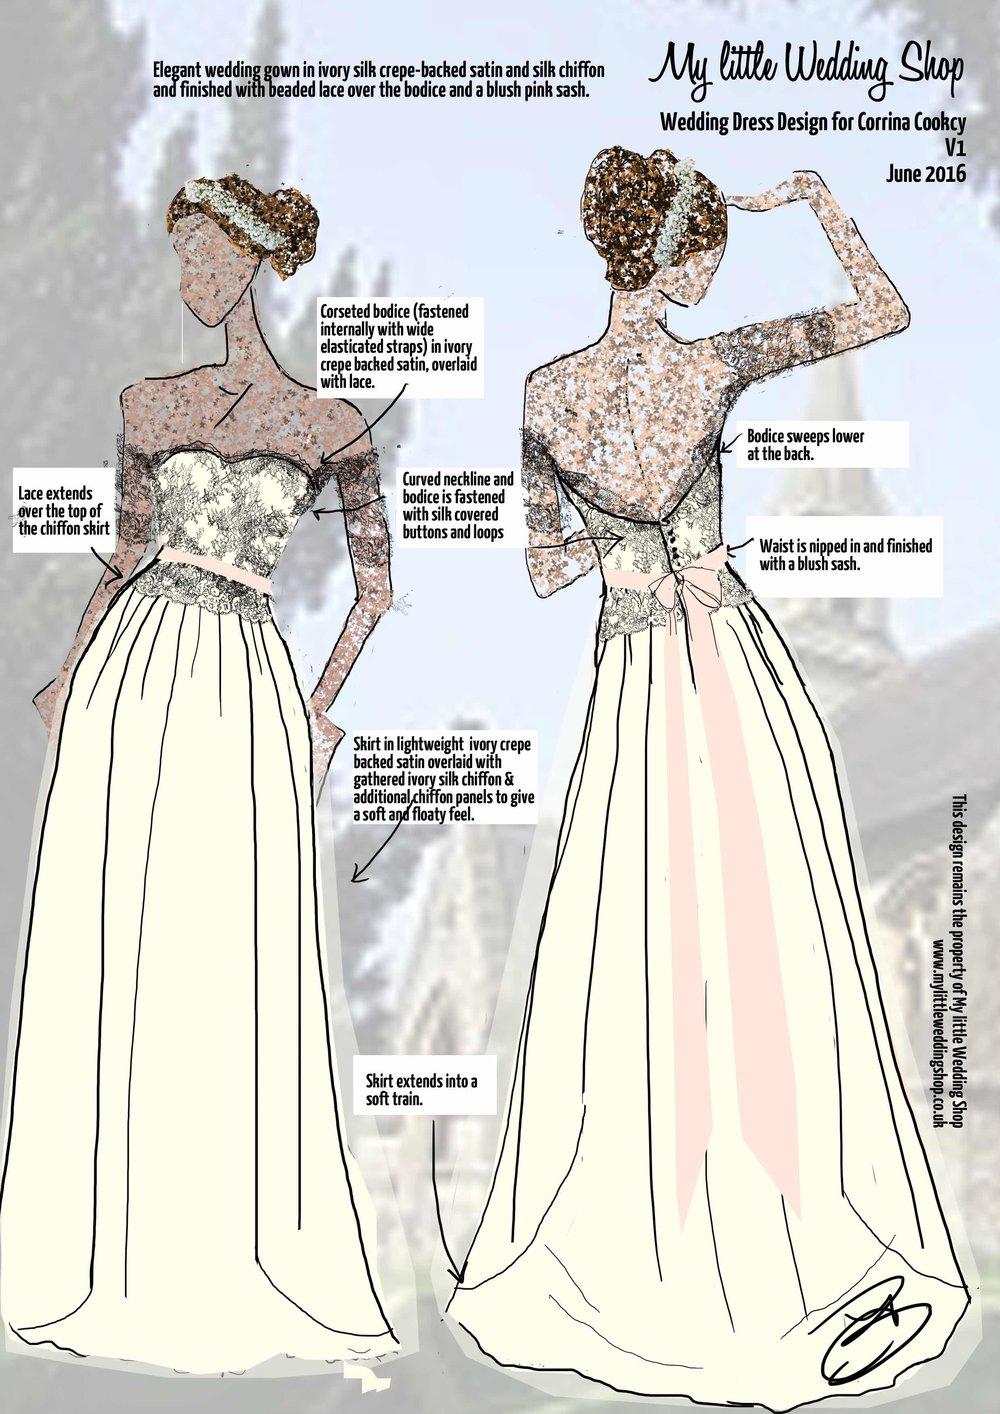 CC WD Design V1 copy.jpg